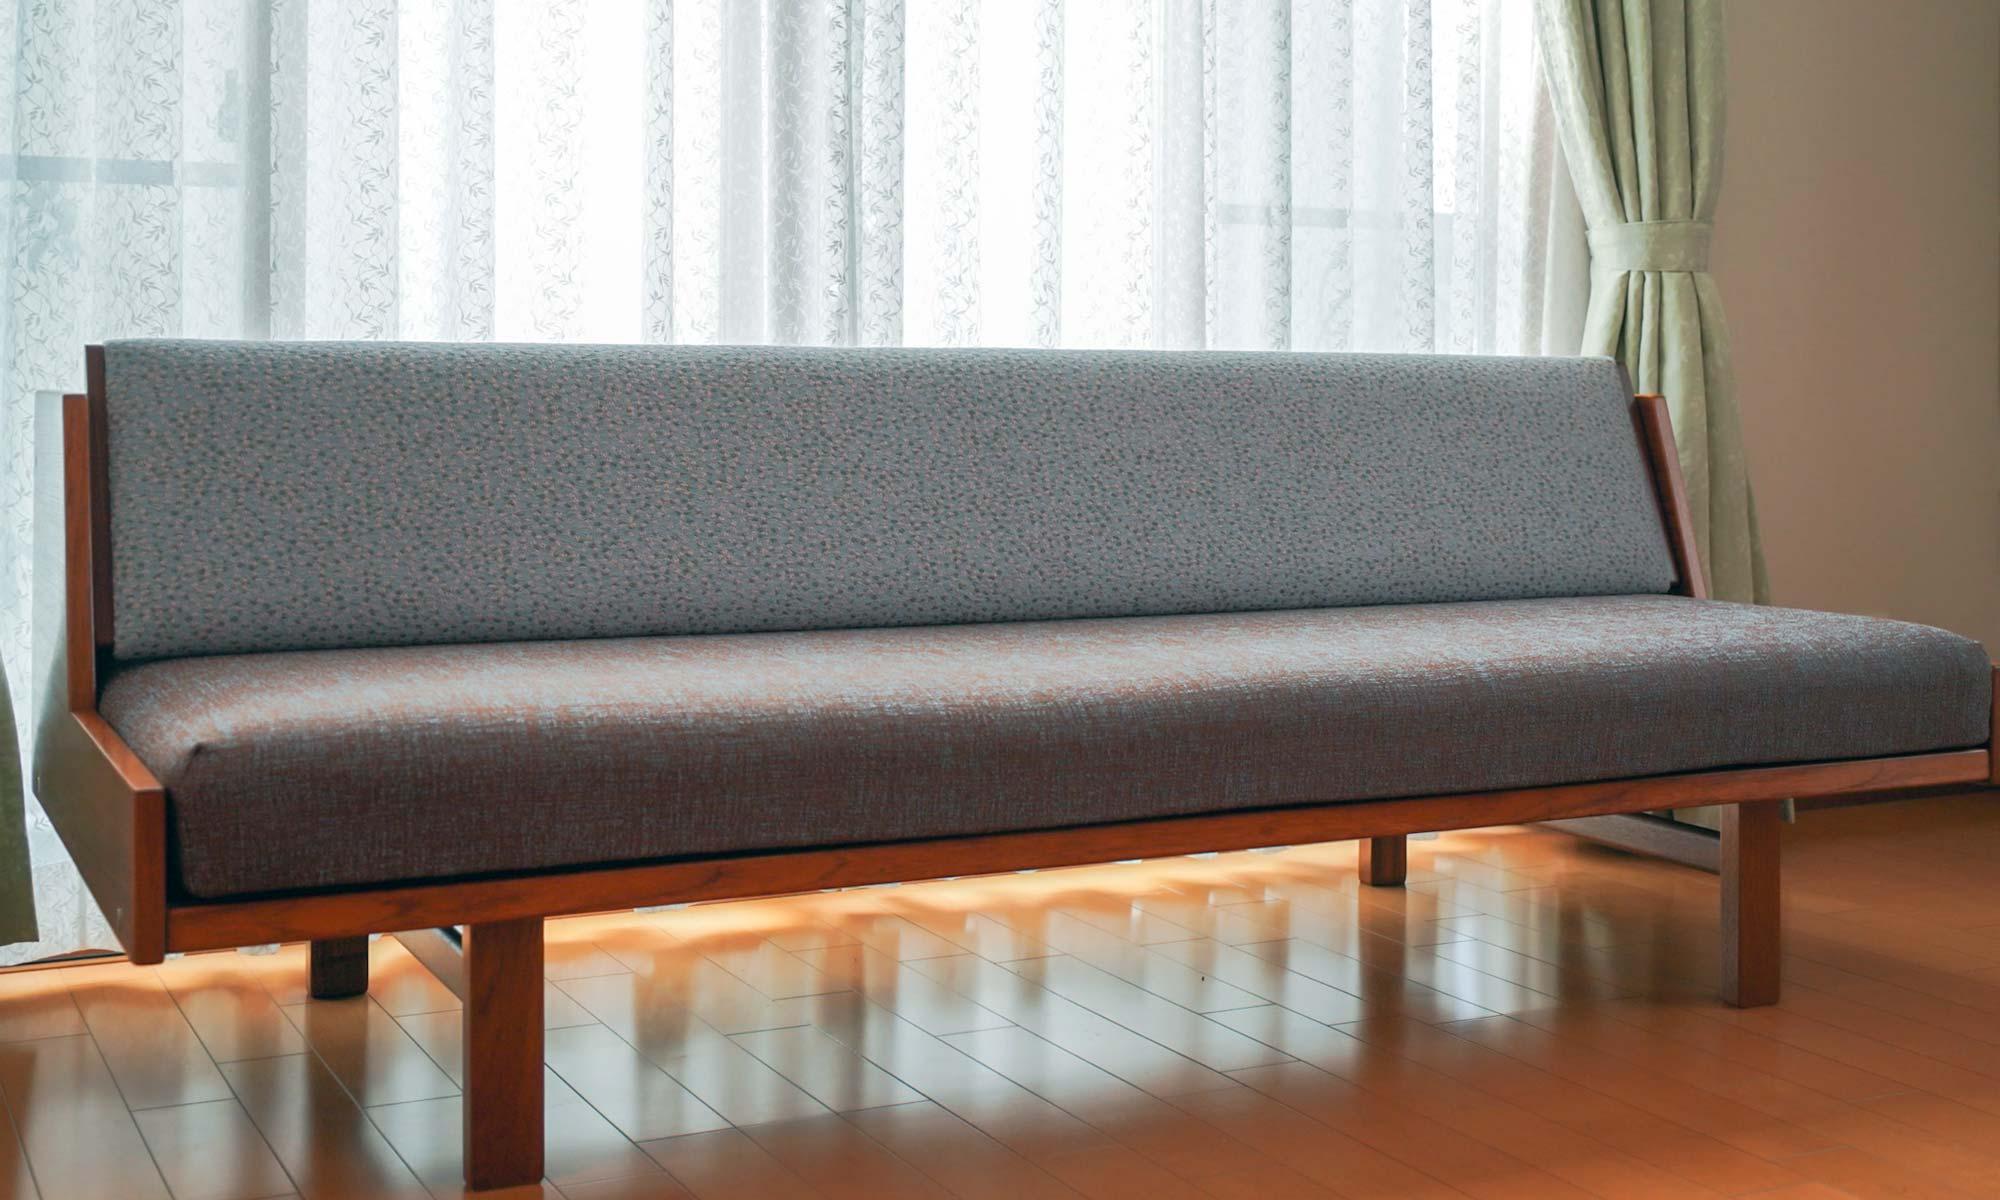 ウエグナーデイベッド 北欧ビンテージ家具